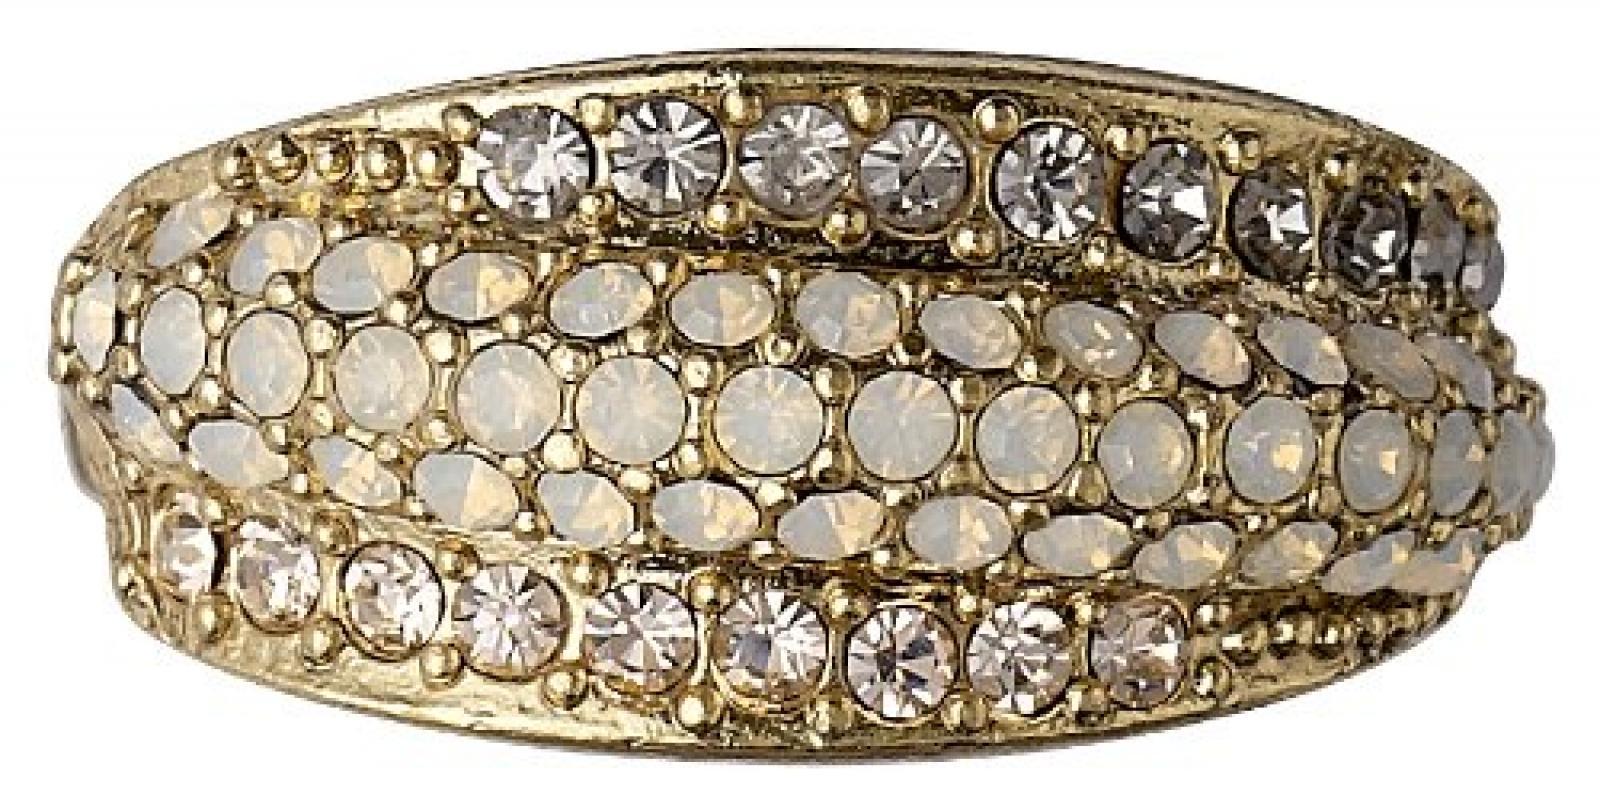 Pilgrim Jewelry Damen-Ring Messing Pilgrim Damen-Ring aus der Serie Classic vergoldet,grau  1.0 cm 601332144